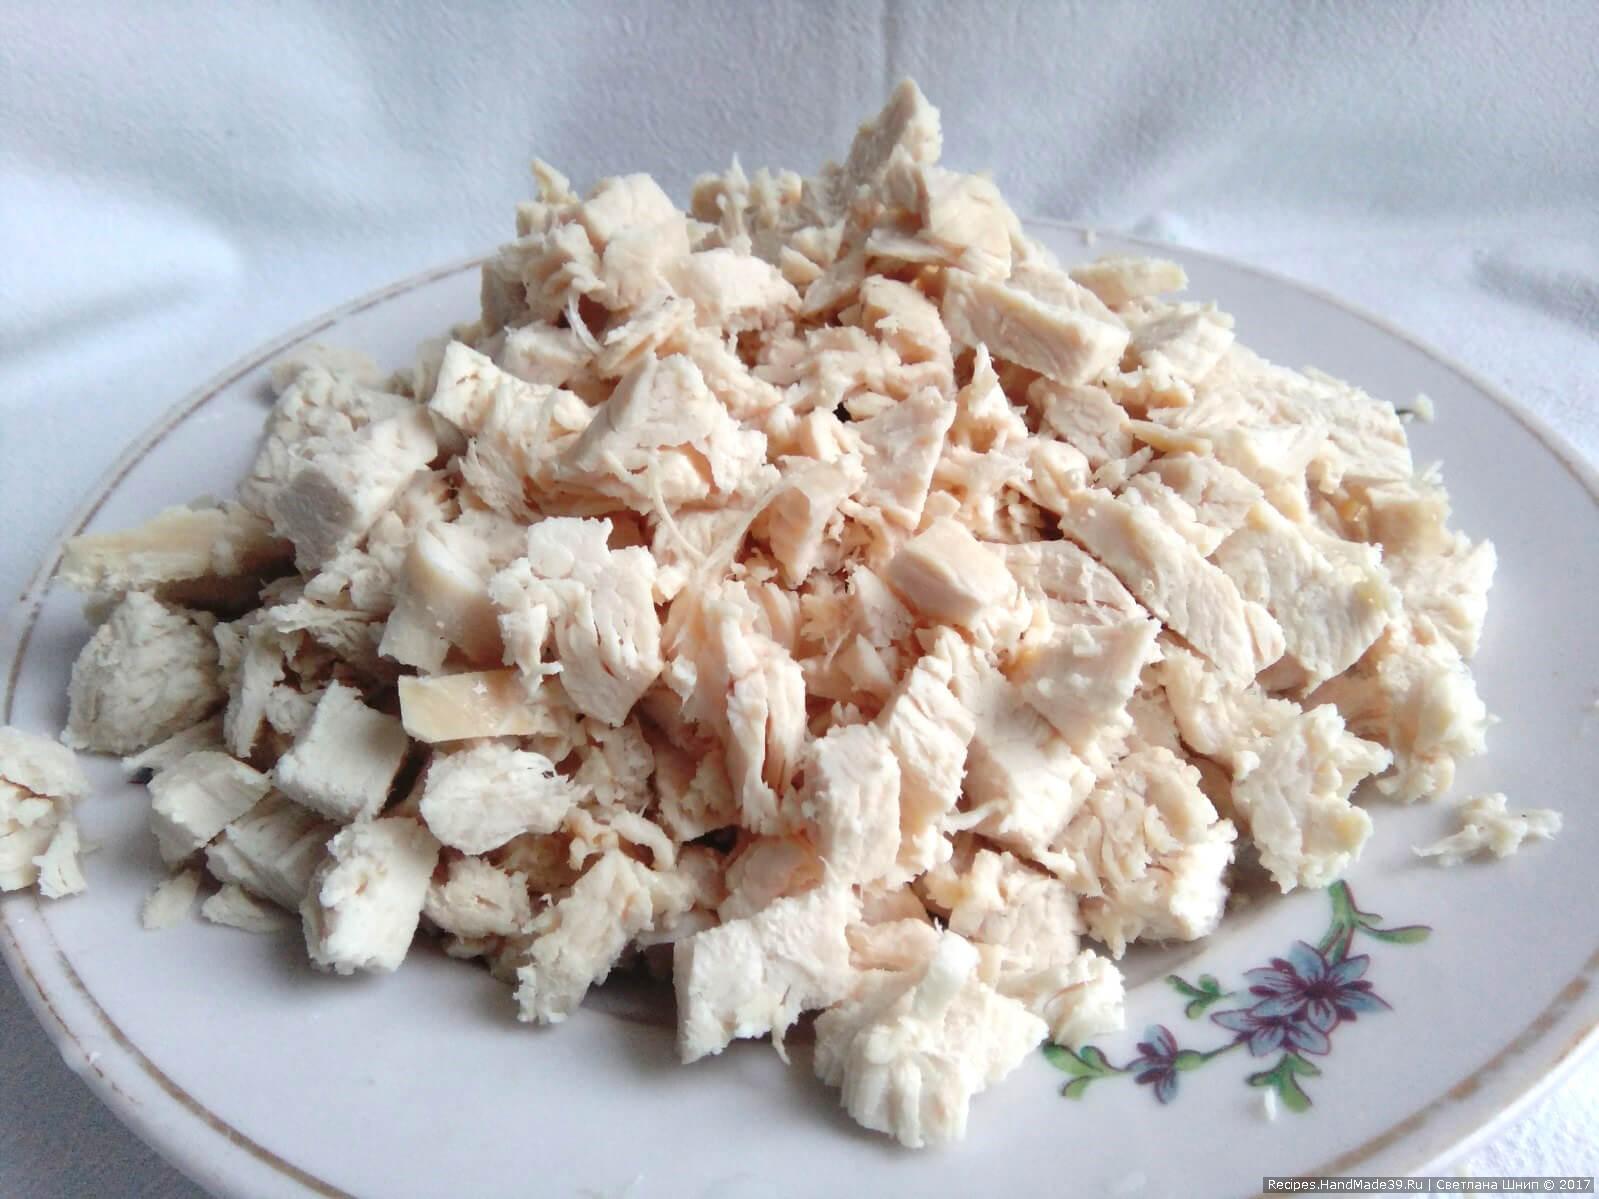 Салат «Шишки» с ананасами и курицей – фото шаг 1. Куриные грудки отварить в подсоленной воде, добавить в воду лавровый лист. Готовое мясо выложить, мелко порезать и переложить в свободную тарелку